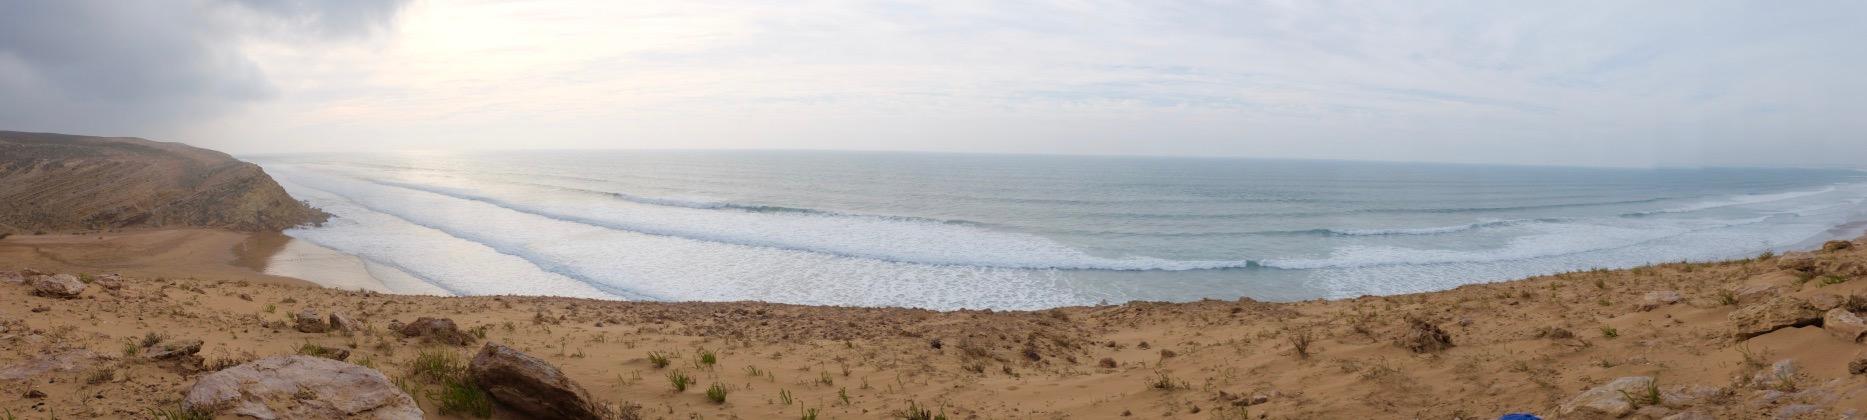 Trek au bord de l'océan marocain